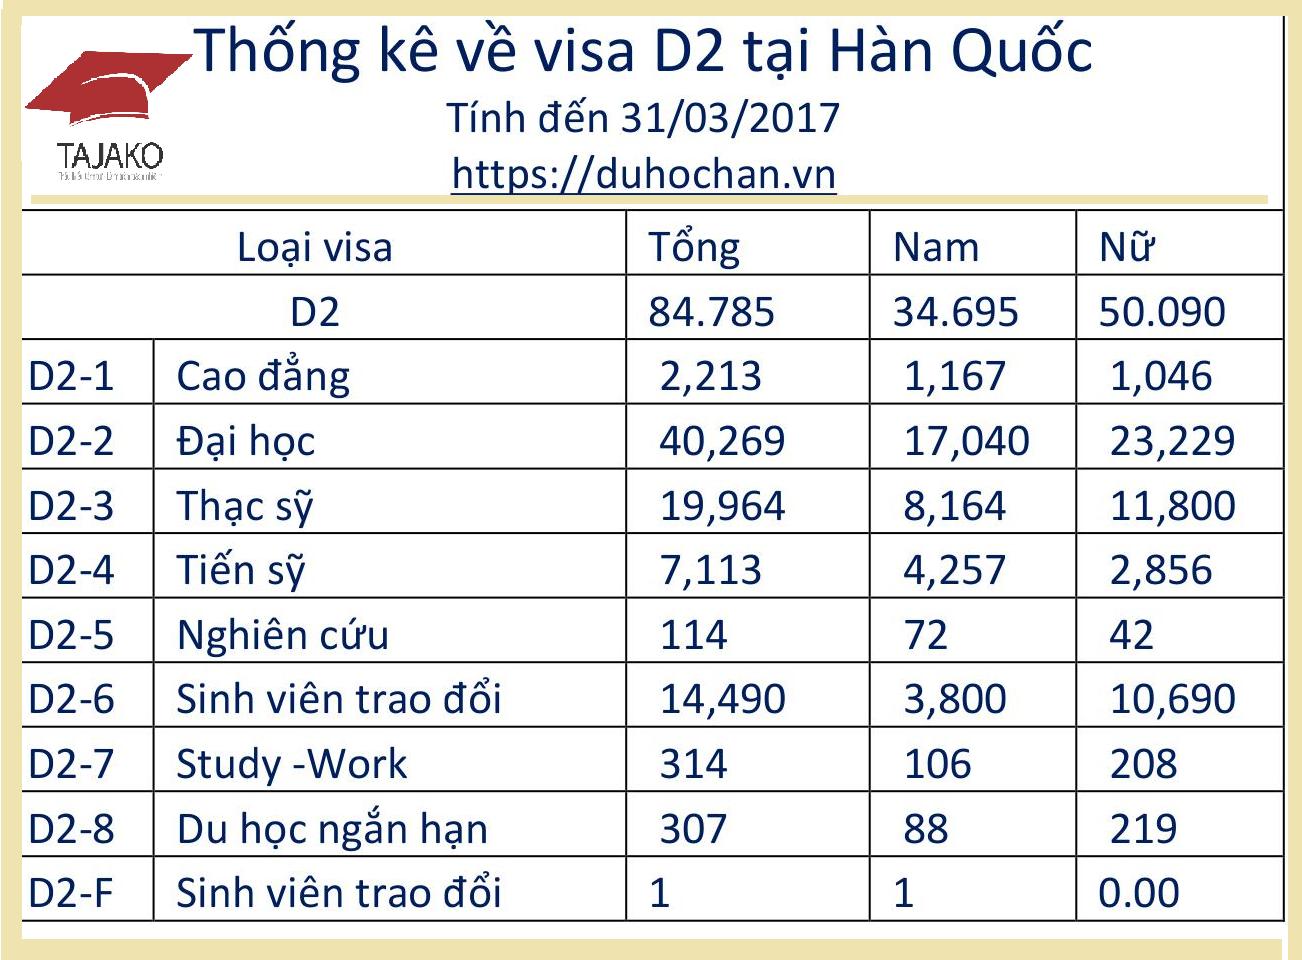 Thống-kê-về-visa-D2-tại-Hàn-Quốc